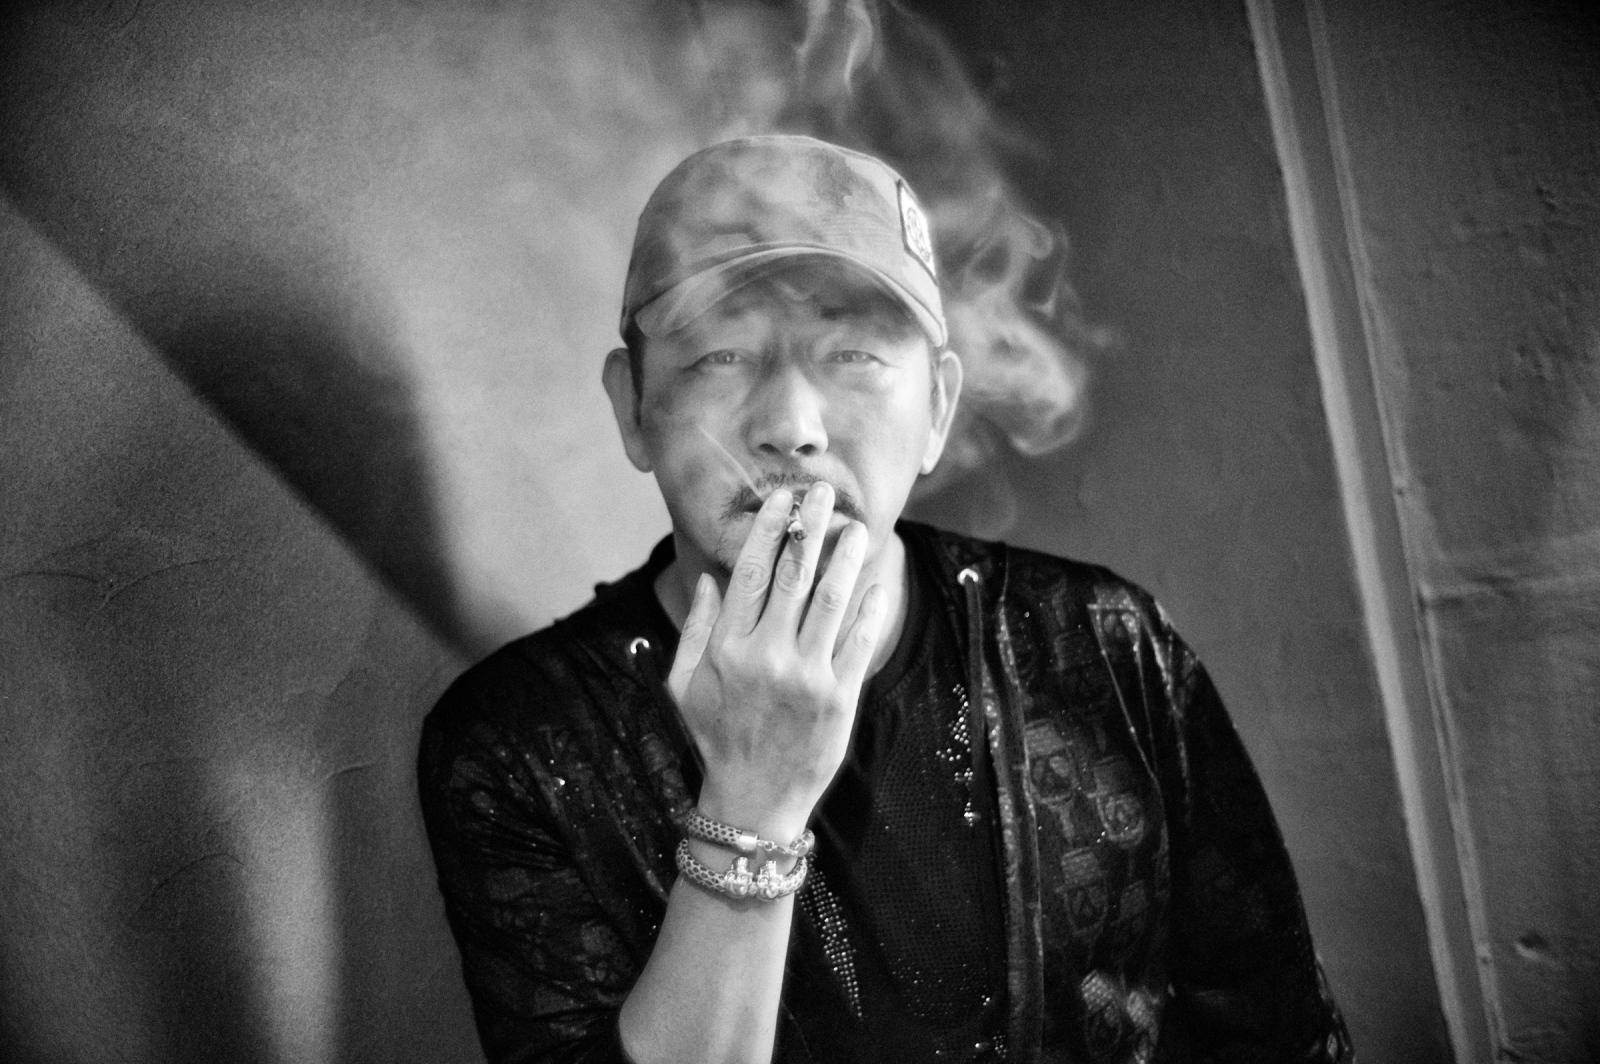 Jun Gwang-ryul (전광렬), actor. Seoul, 2016.